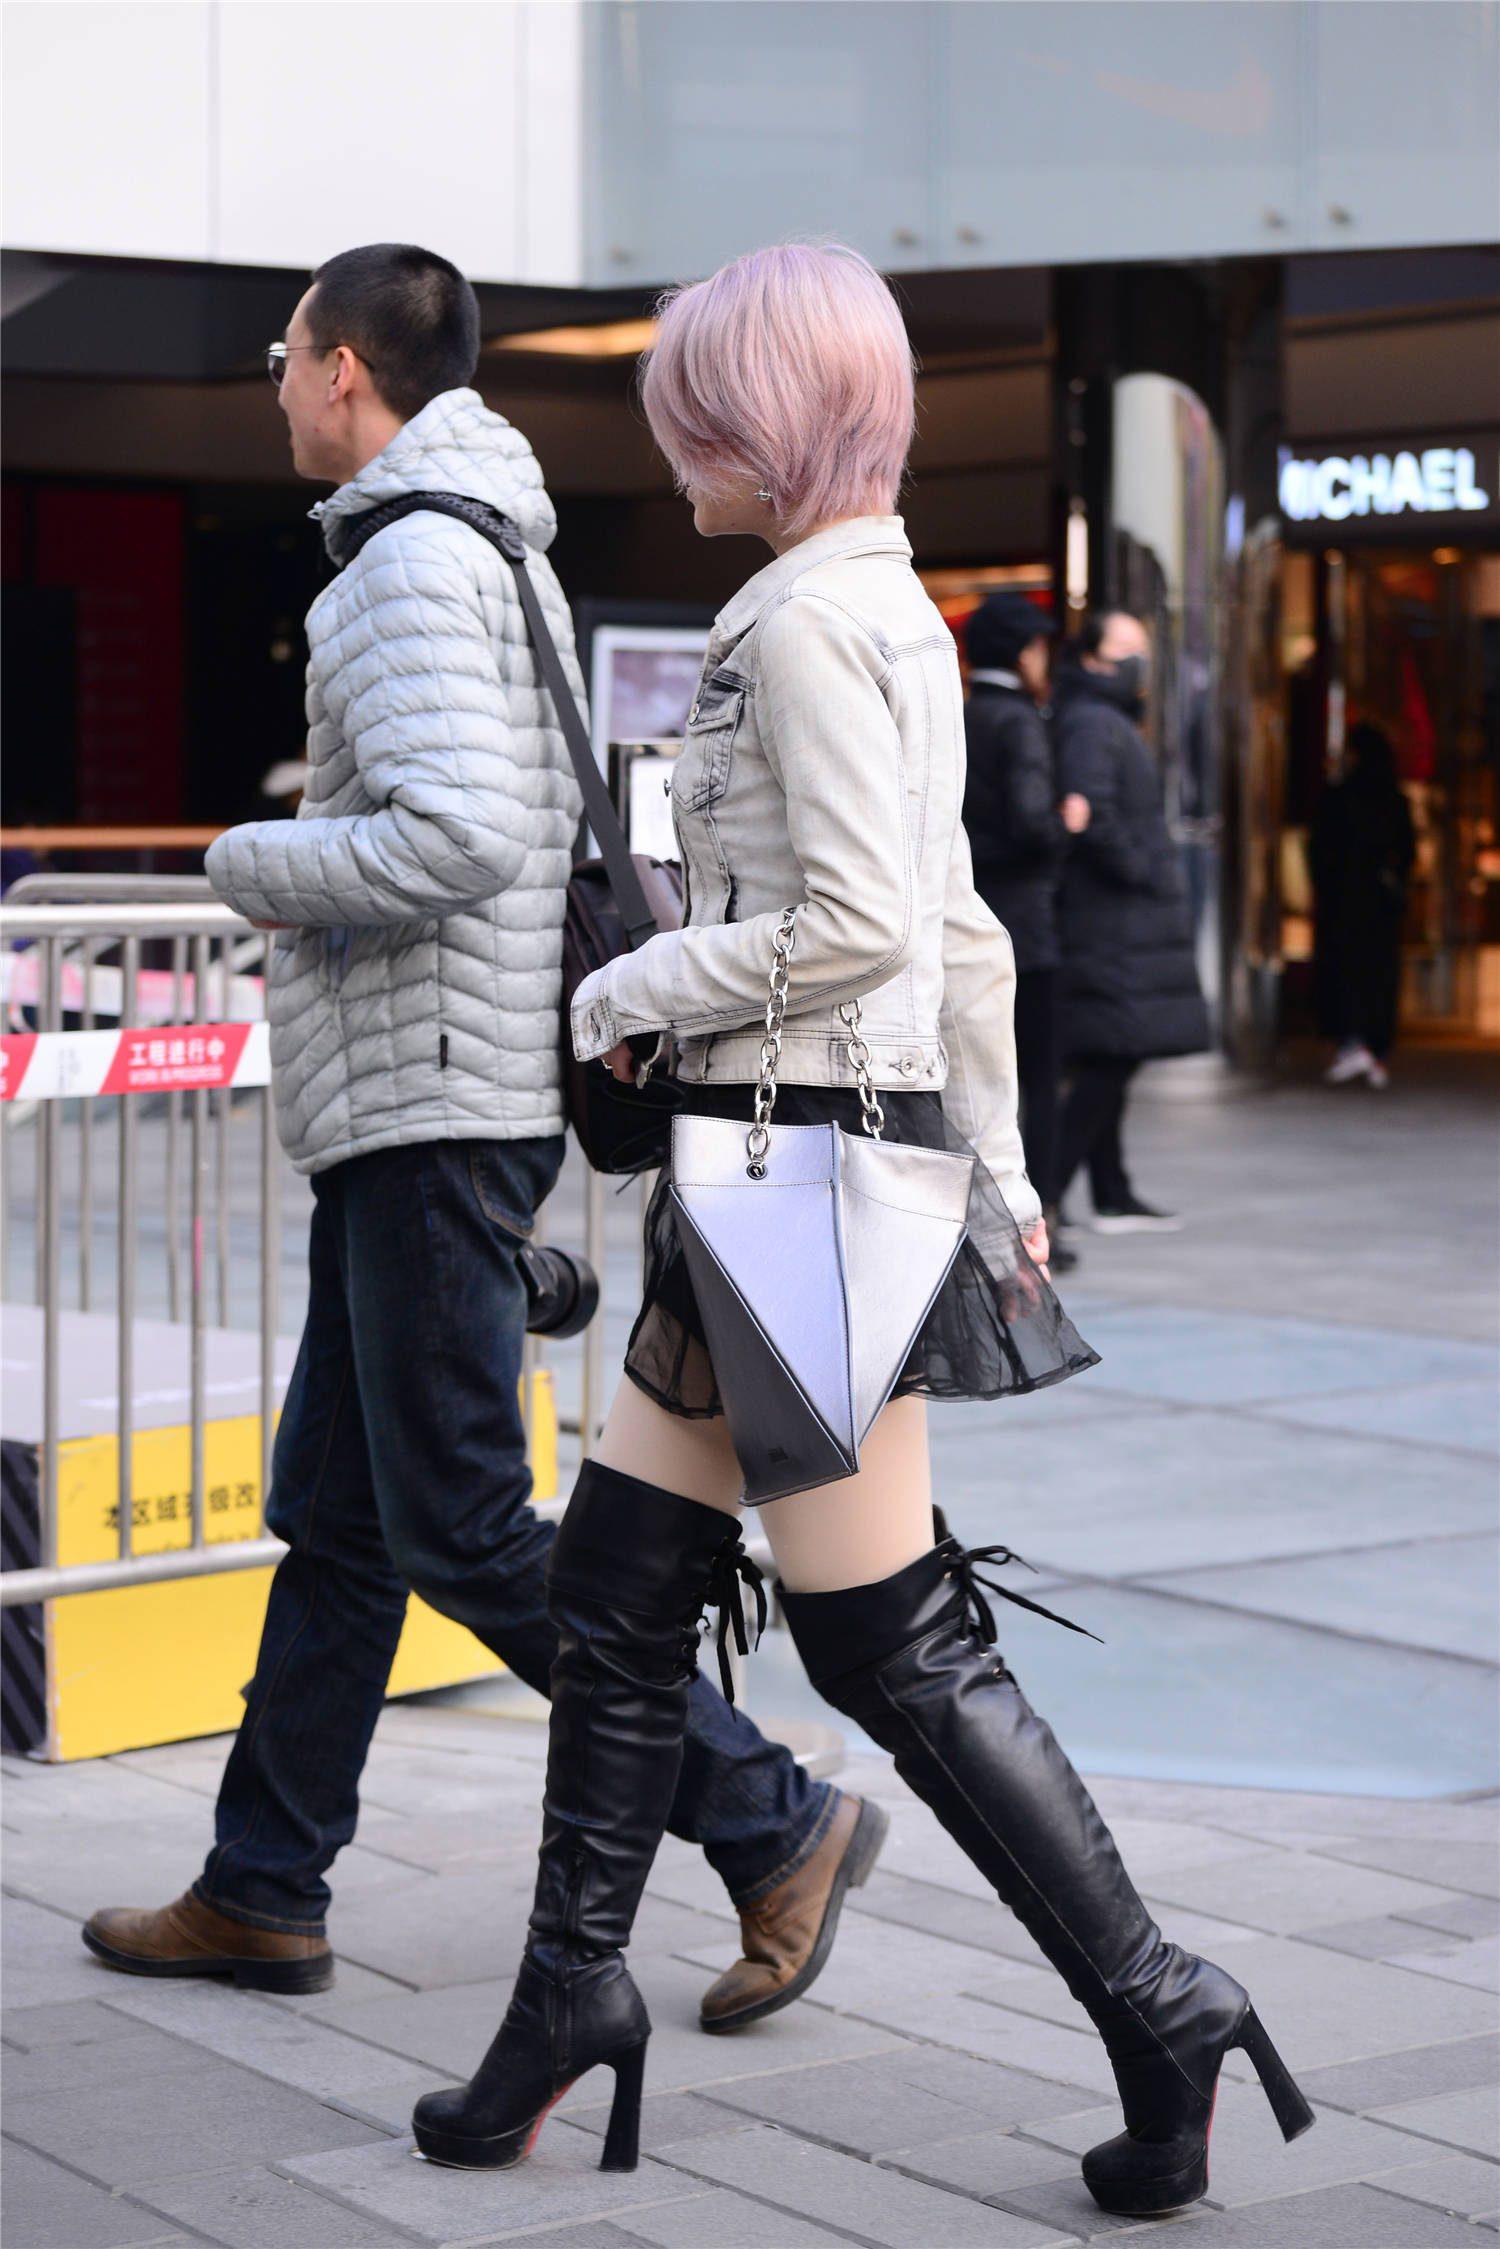 黑色过膝皮靴,还是要选择高跟款式,黑色短裙还有着薄纱设计